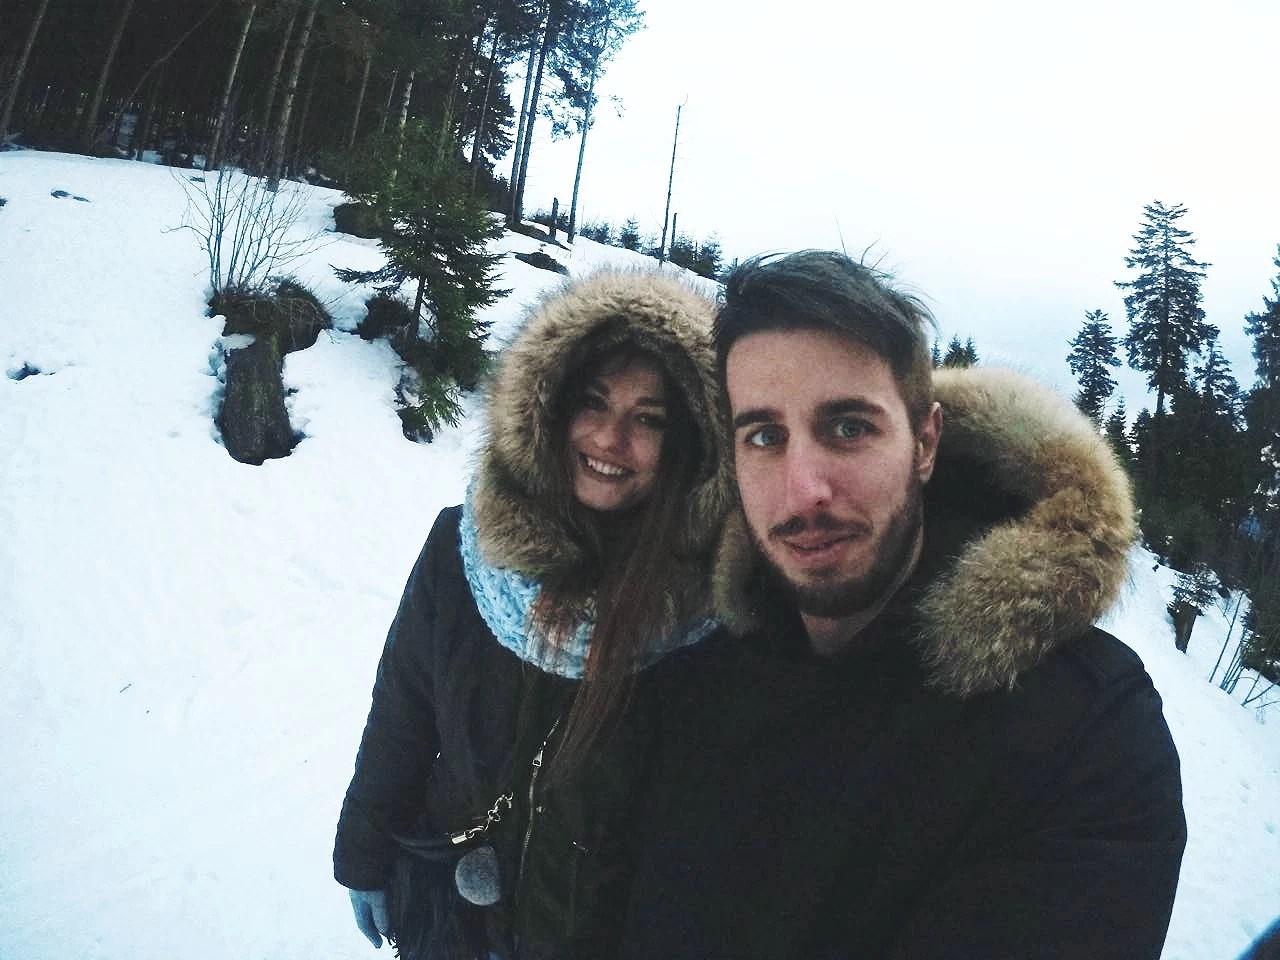 Nowy rok - Nowe przygody, nowe historie!